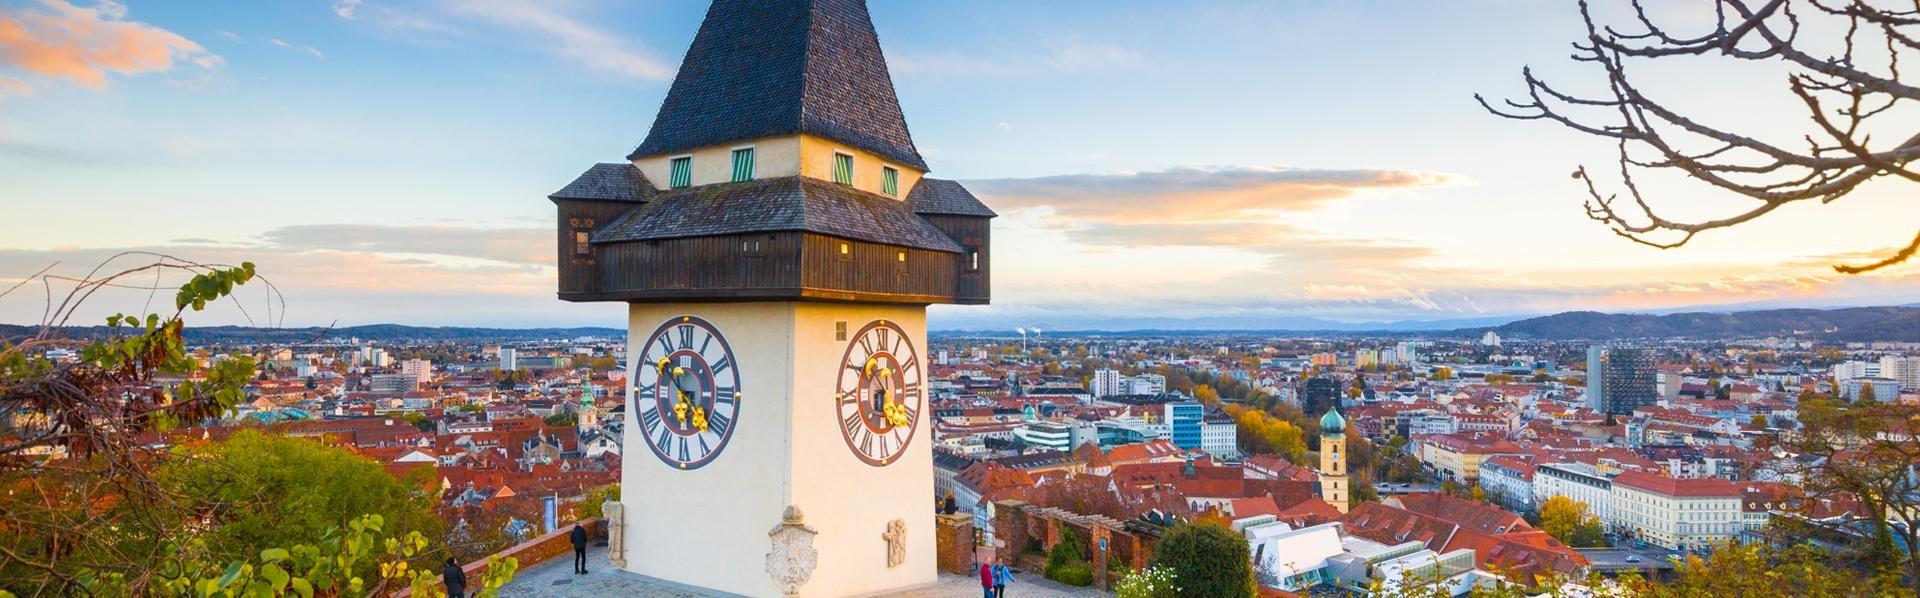 Schlossberg in Graz, Oostenrijk